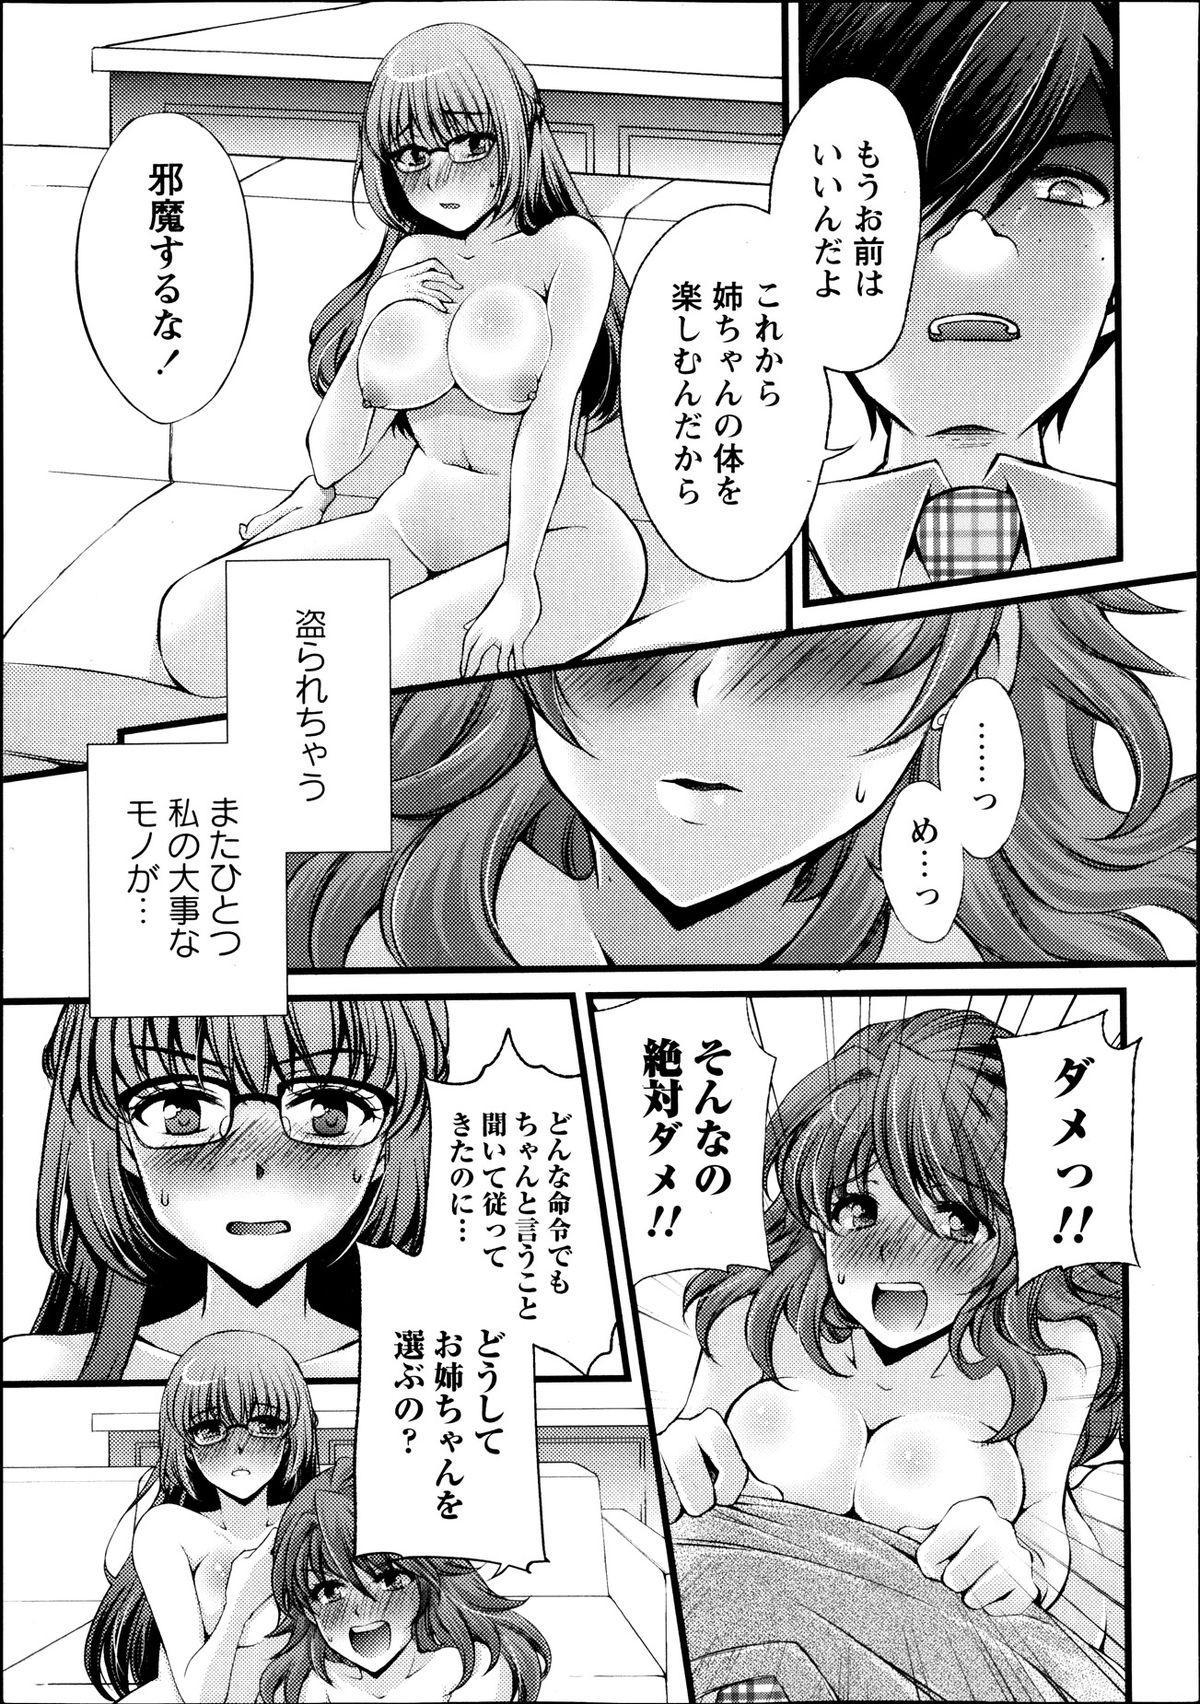 [Aoi Yumi] Kamen no Daishou ~Rensa Suru Ryoujoku~ Ch.1-5 48